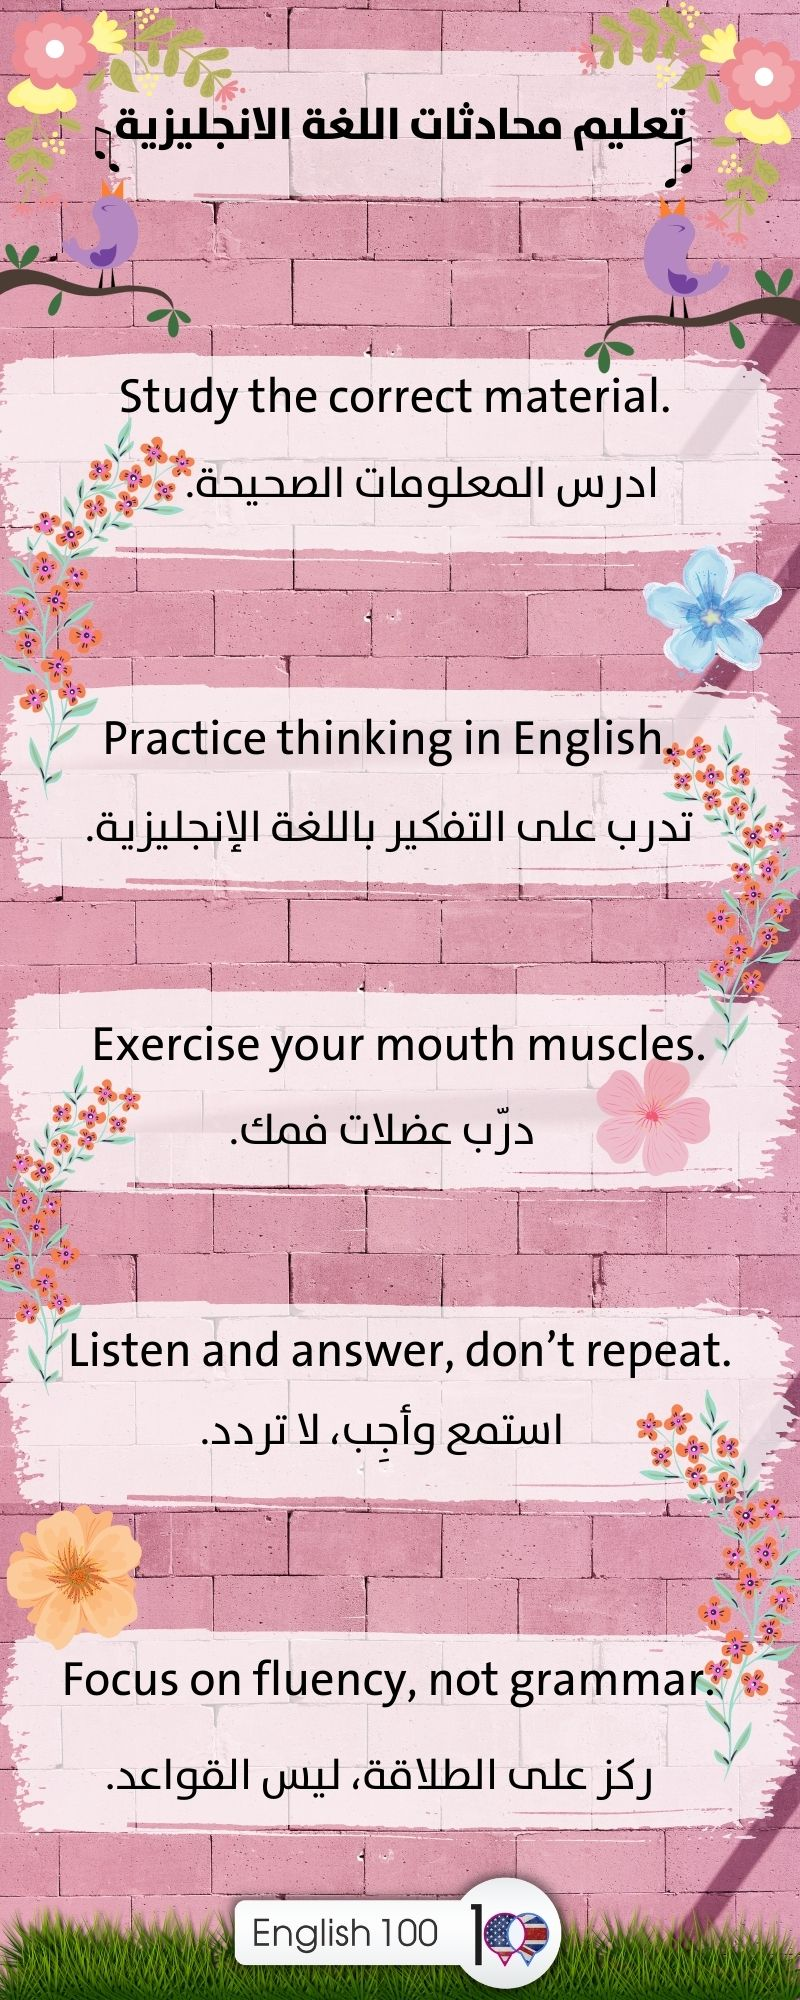 تعليم محادثات اللغة الانجليزية Learning English conversations